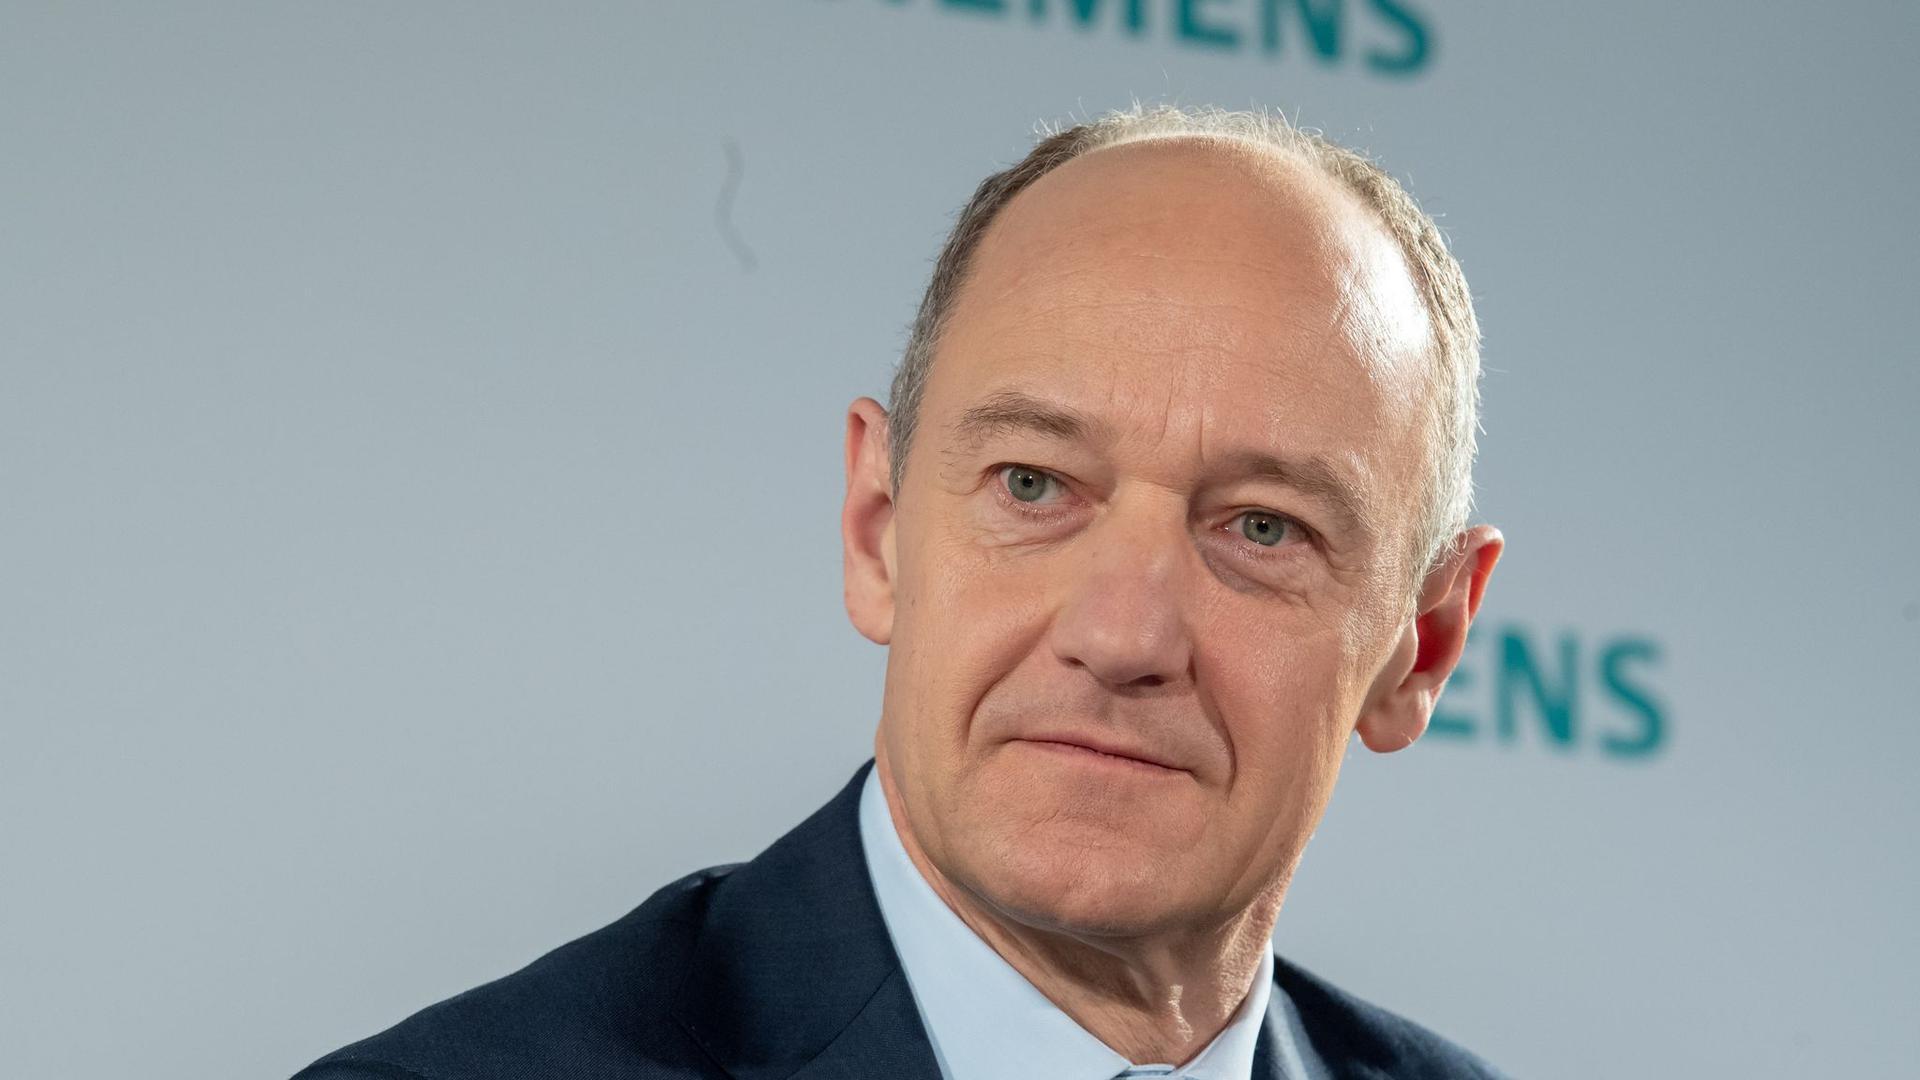 Der designierte Siemens-Vorstandschef Roland Busch.